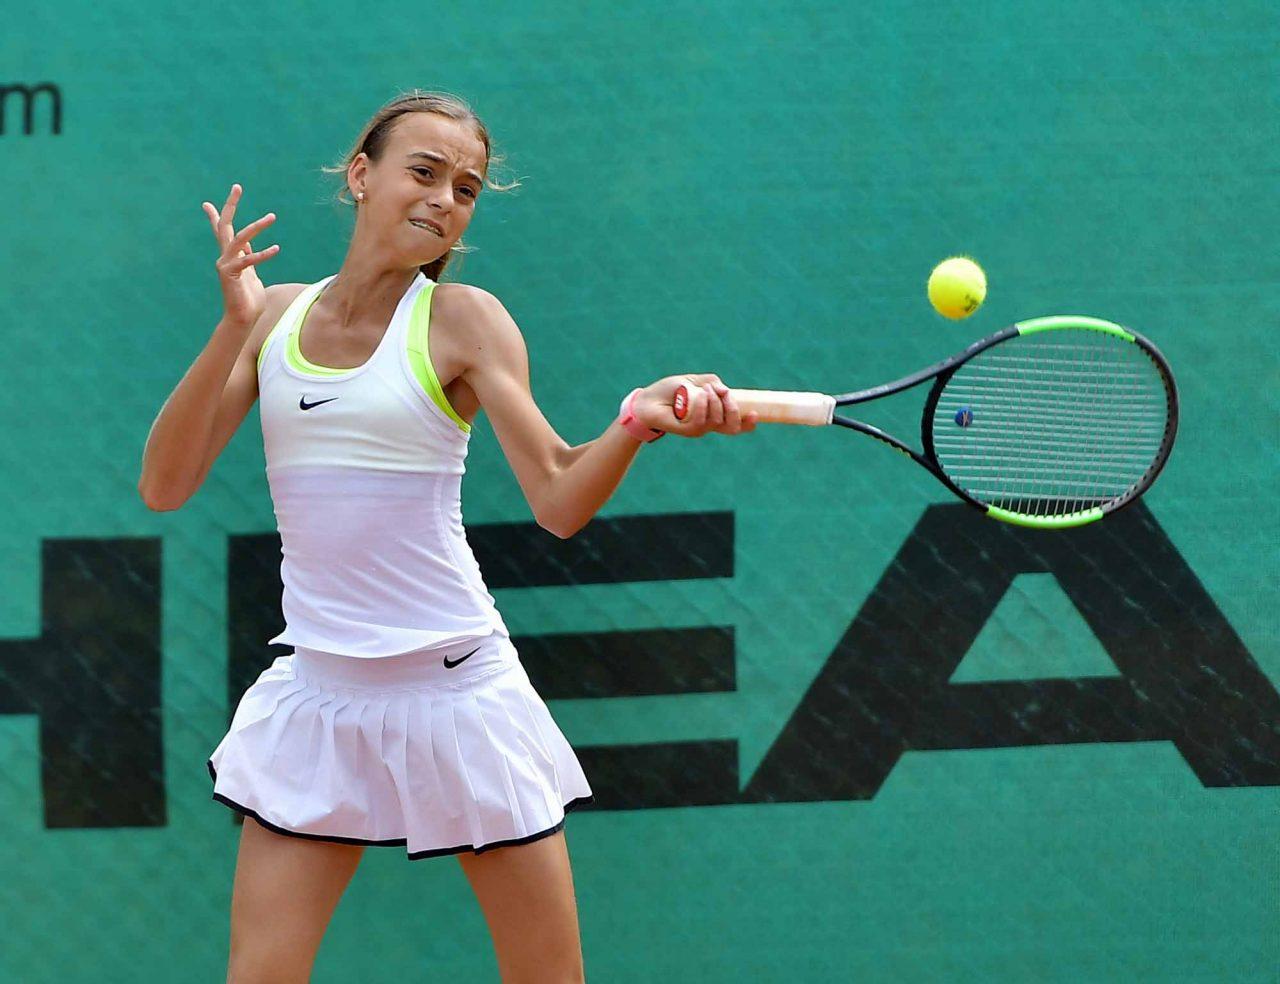 Държавно първенство тенис до 14 год. ТК 15-40 финал двойки (25)